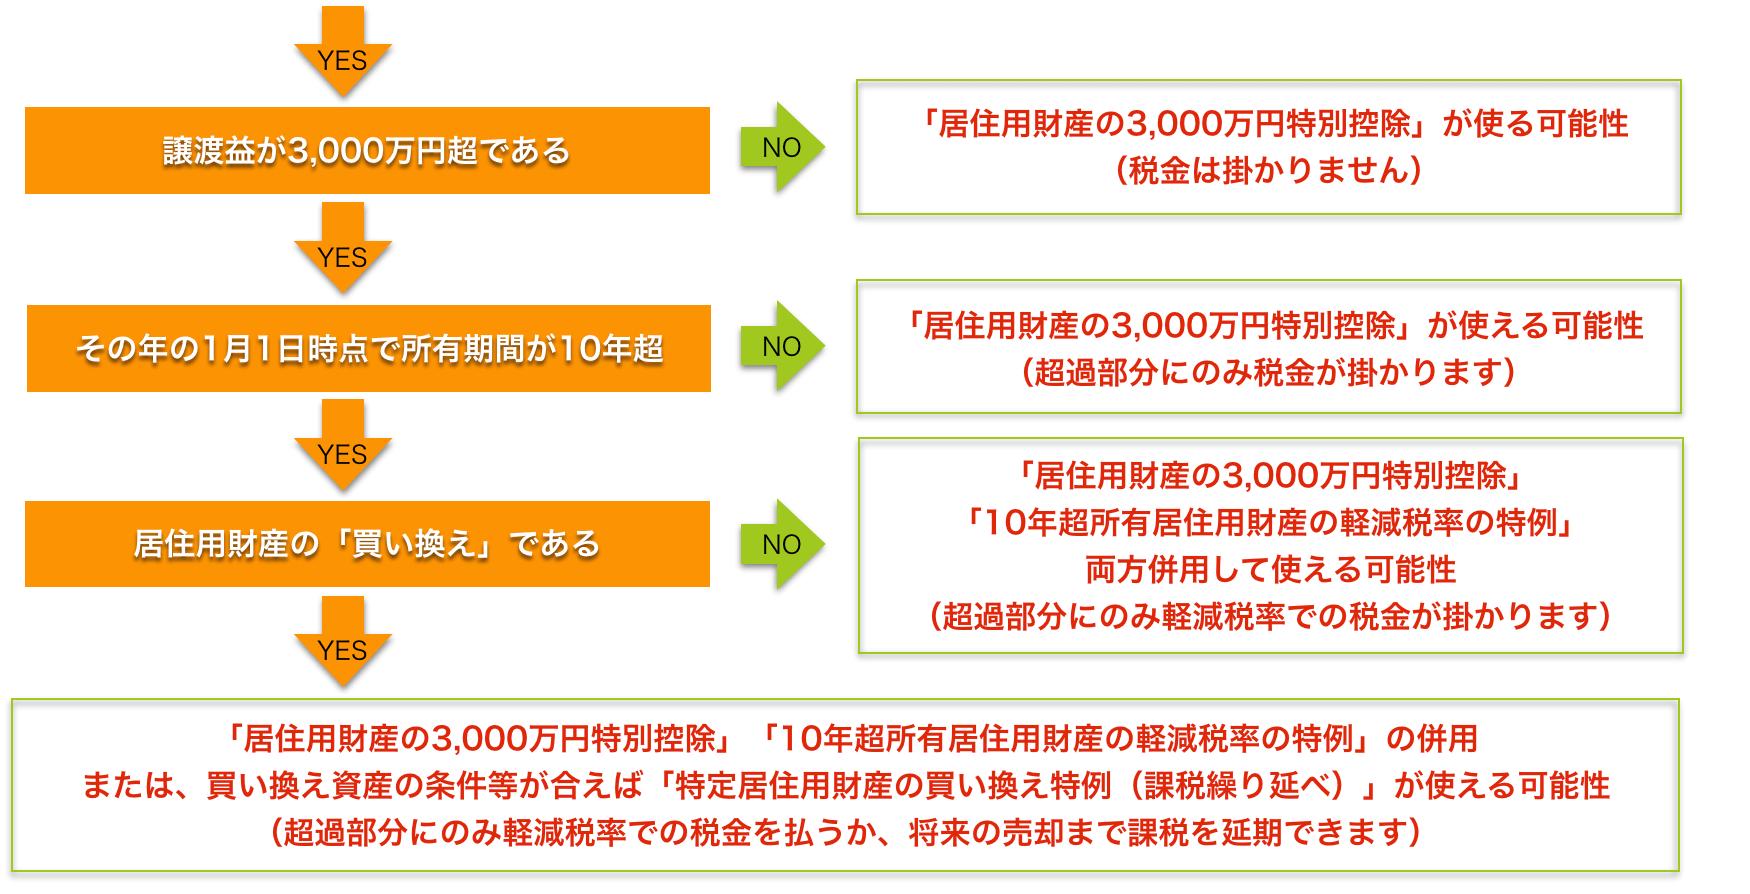 土地売却で譲渡益が出た場合の税金優遇特例該当確認チャート